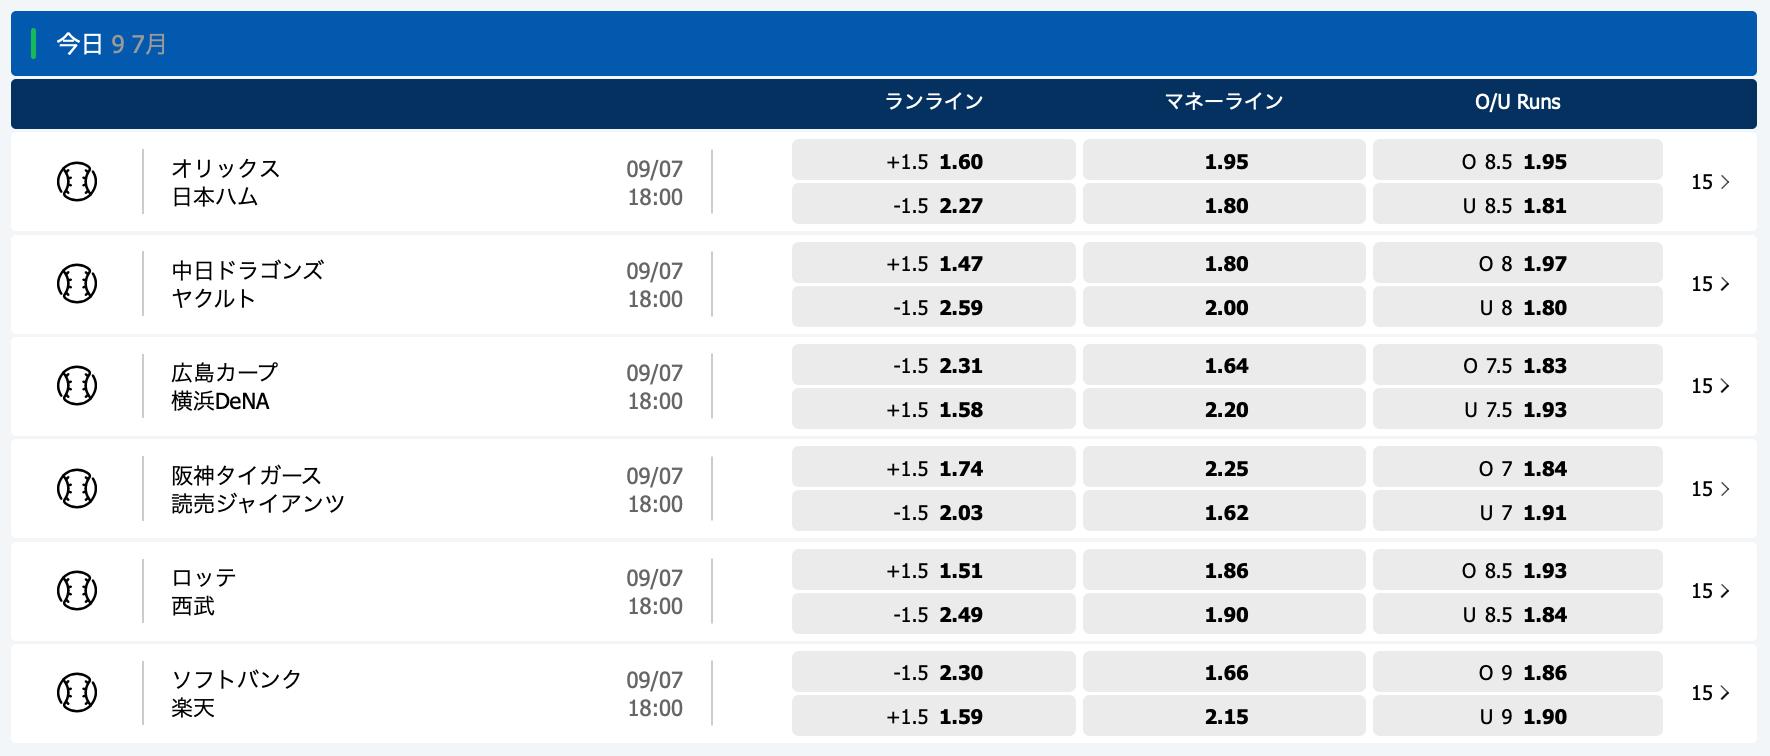 2020.7.9 プロ野球オッズ・10bet Japan